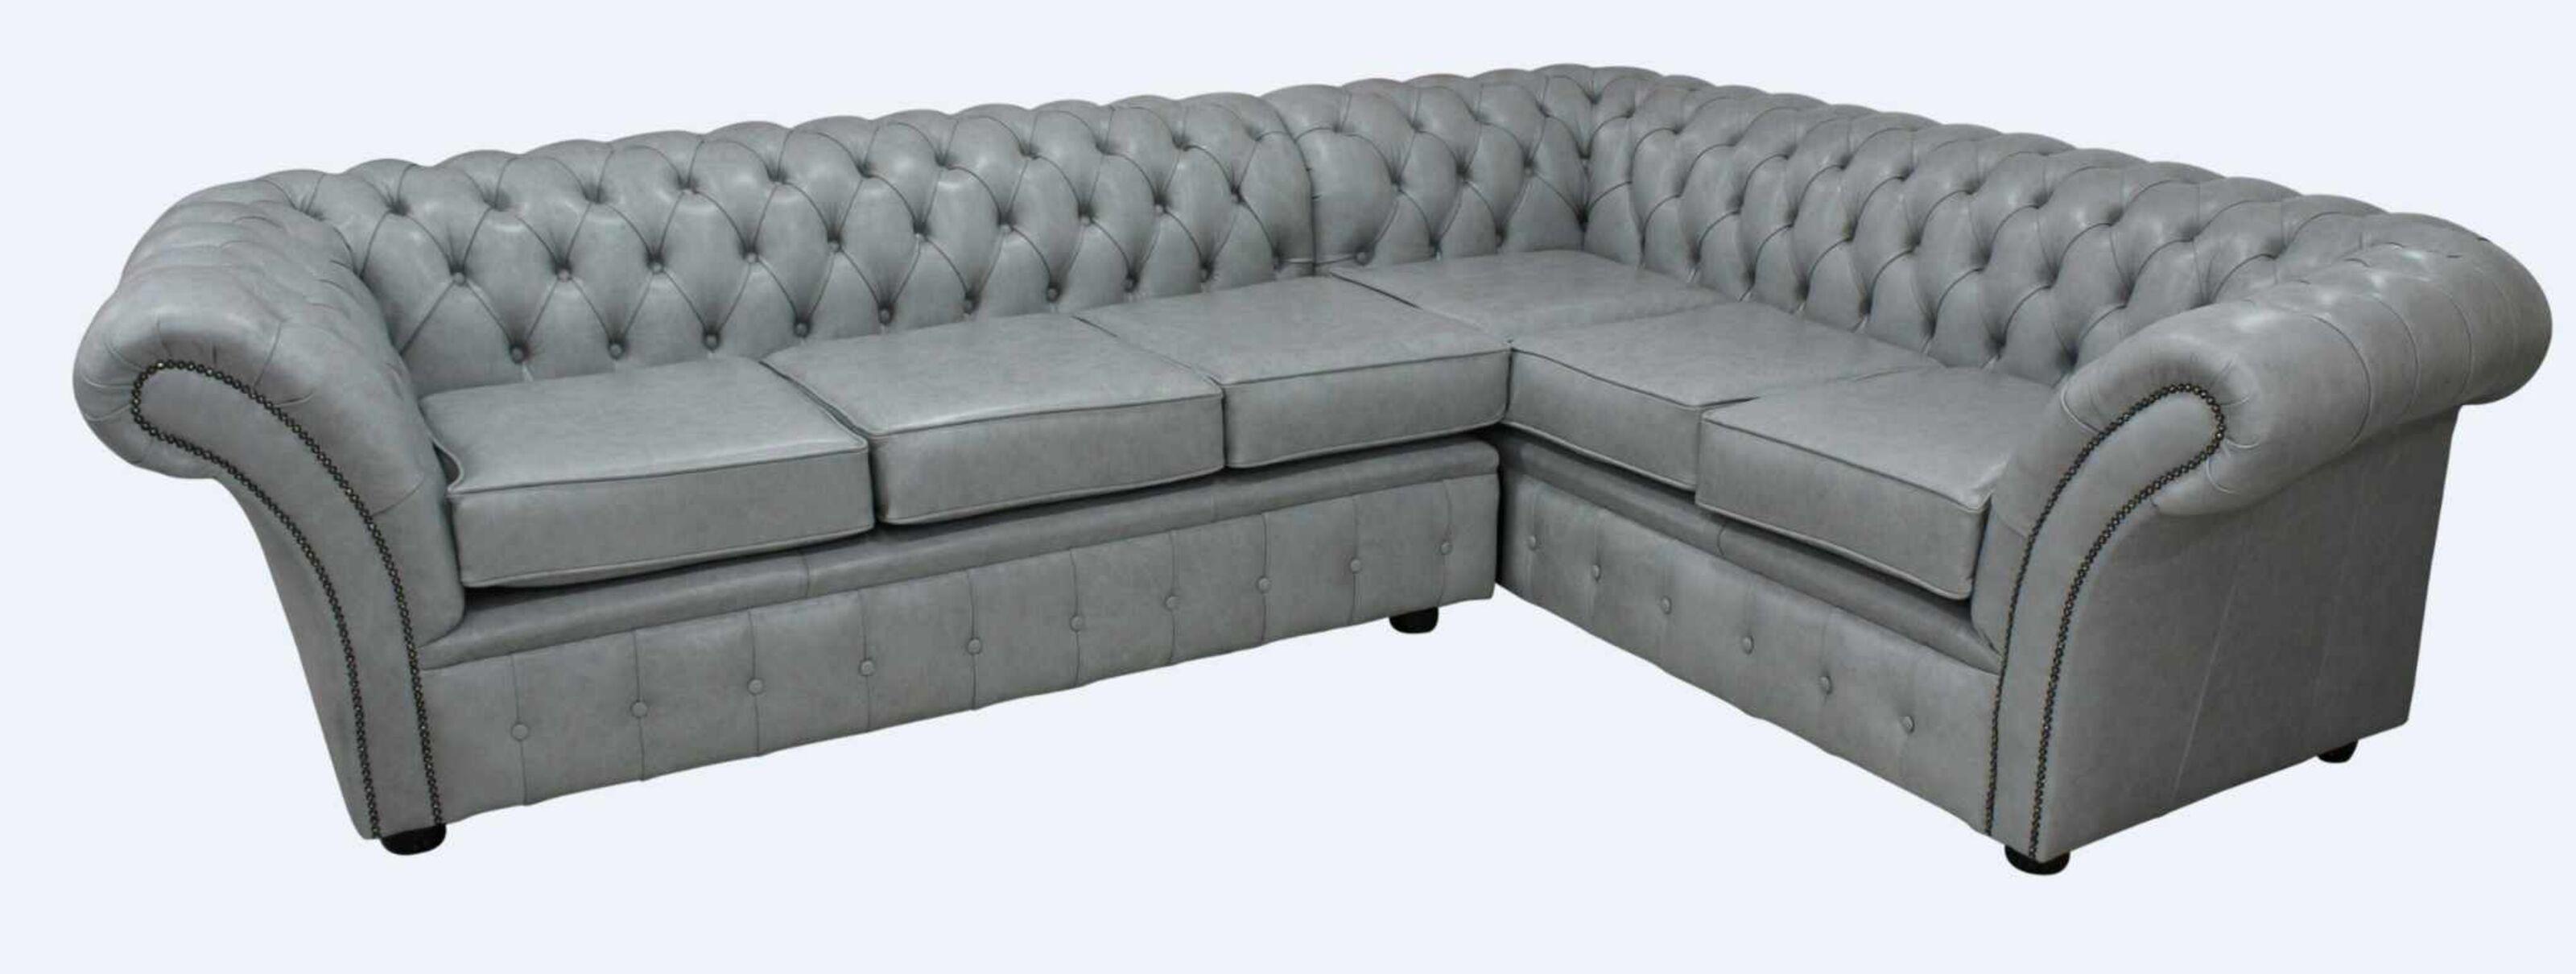 Chesterfield Balmoral Corner Sofa Unit Square Cushioned 3 Seater + Corner +  2 Seater Stella Dove Grey Leather